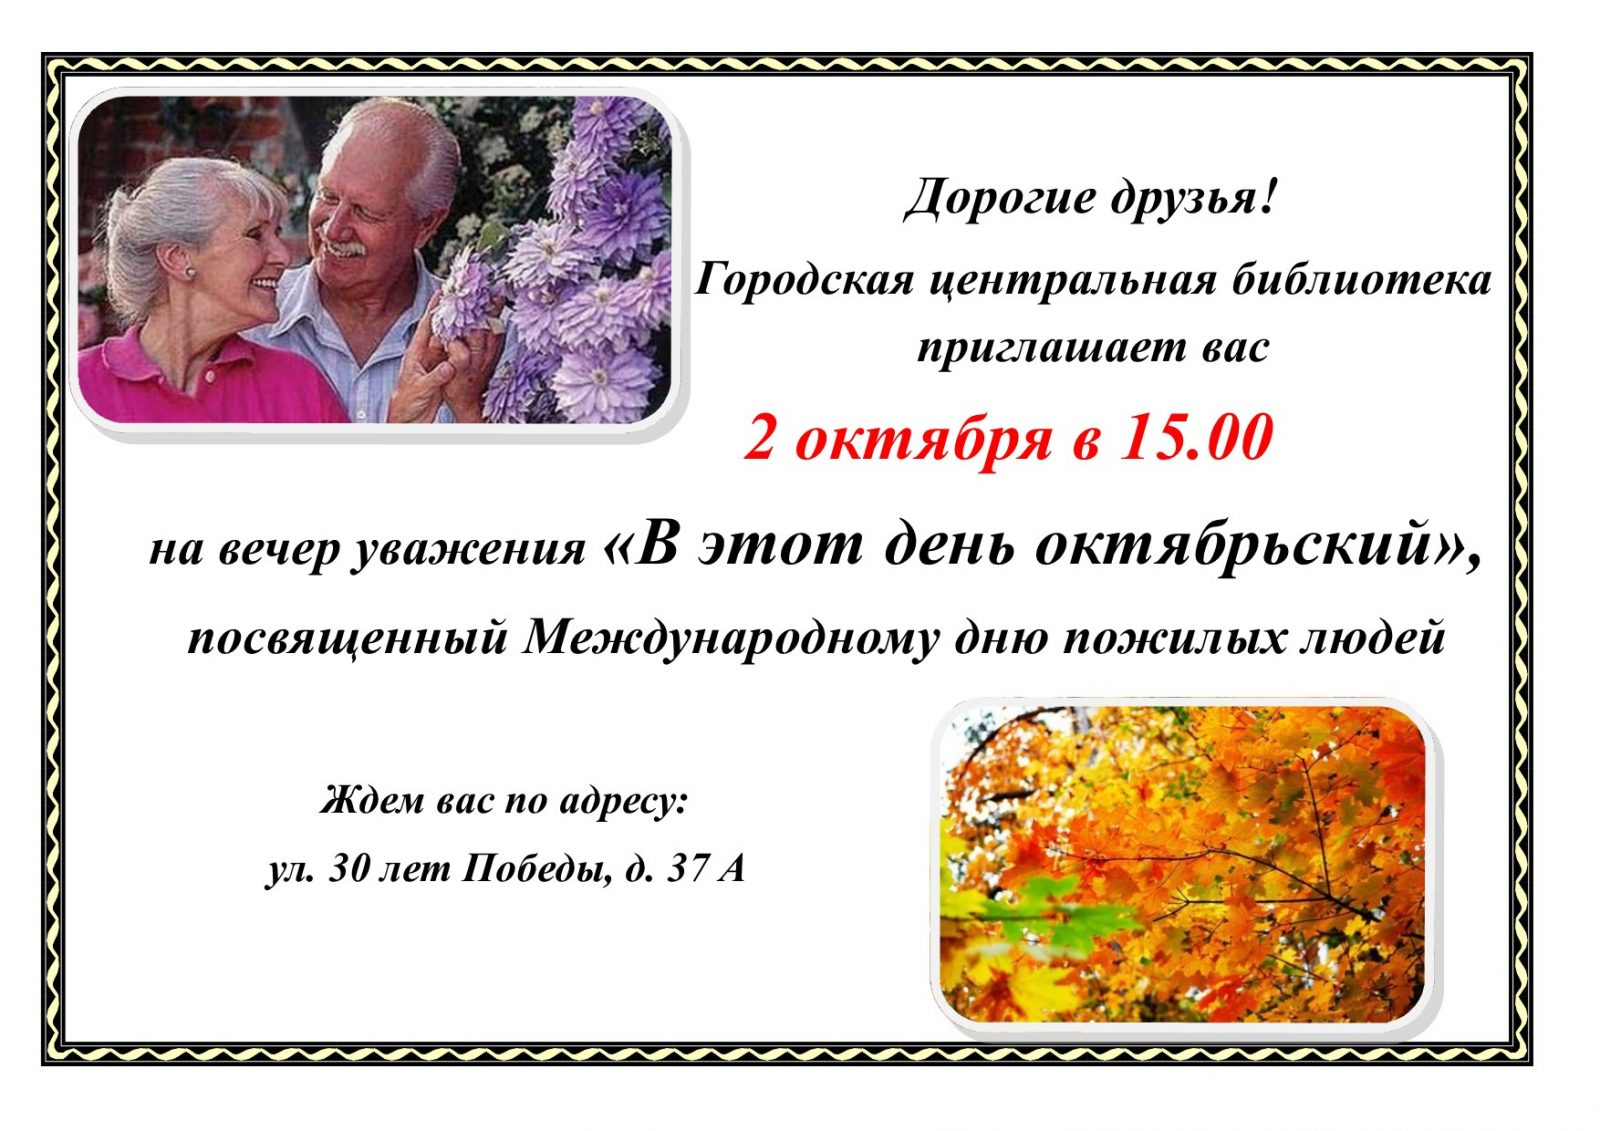 Пригласительные открытки для пожилых людей